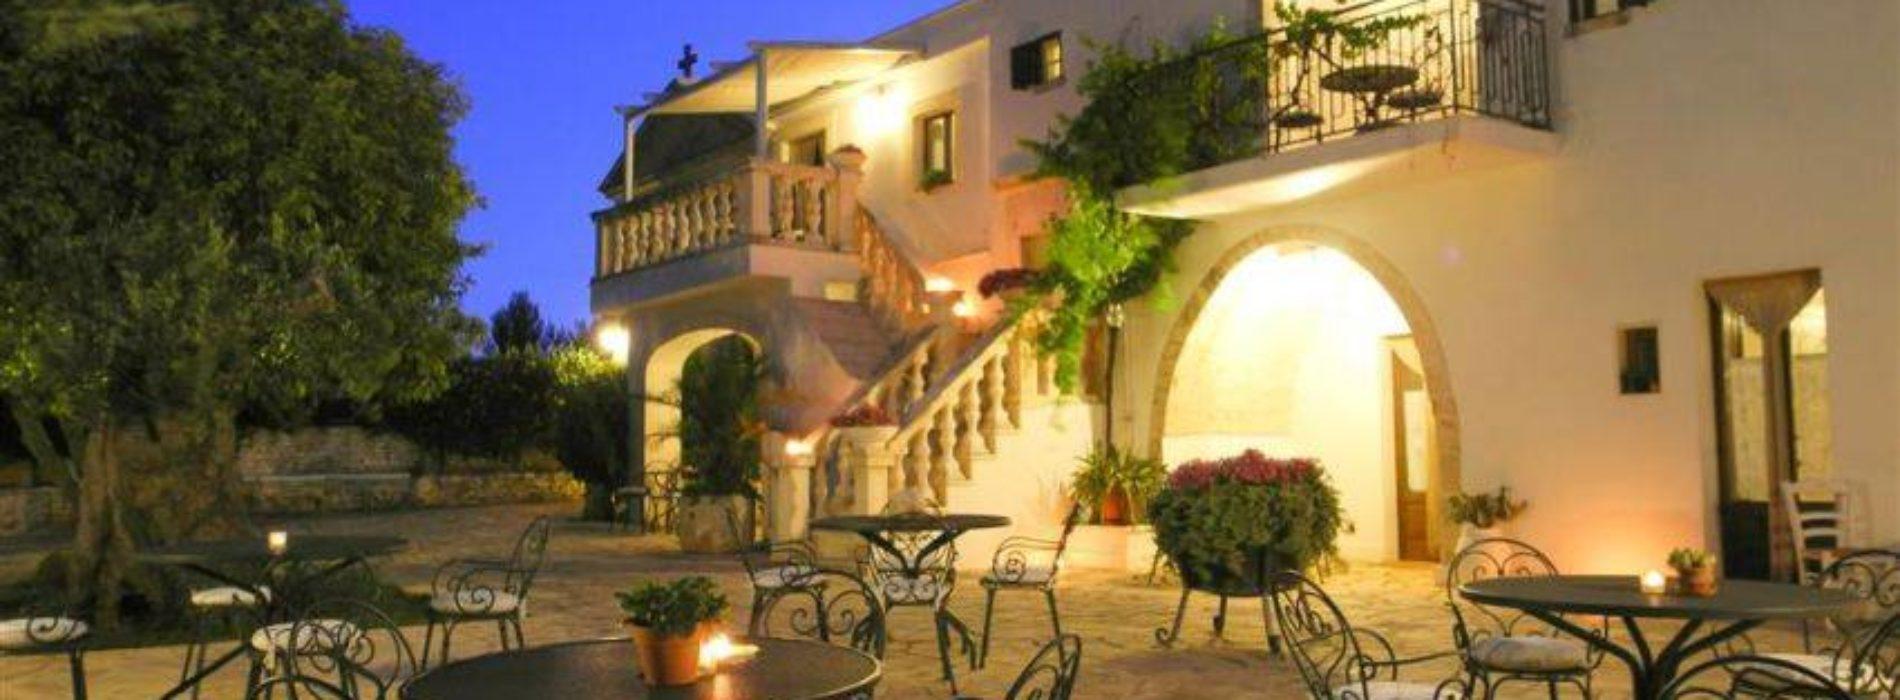 Dove mangiare a Ostuni, i migliori ristoranti di Valle D'Itria e Murgia (bombette e fornelli compresi)